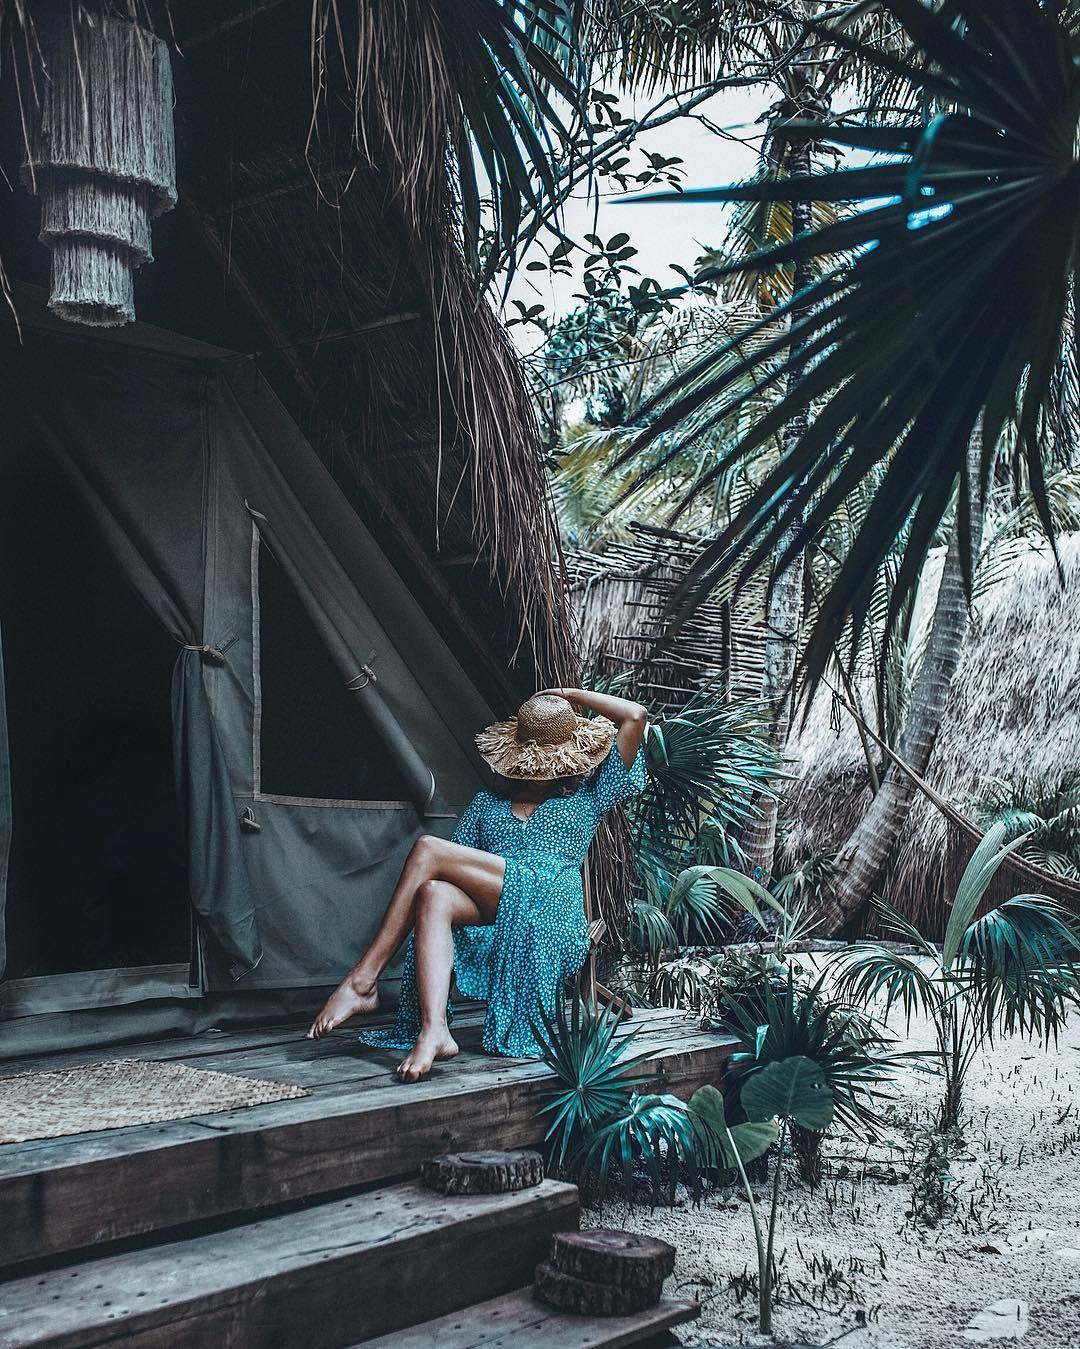 浪漫的野外露营 帐篷酒店2018年全球终极露营指南